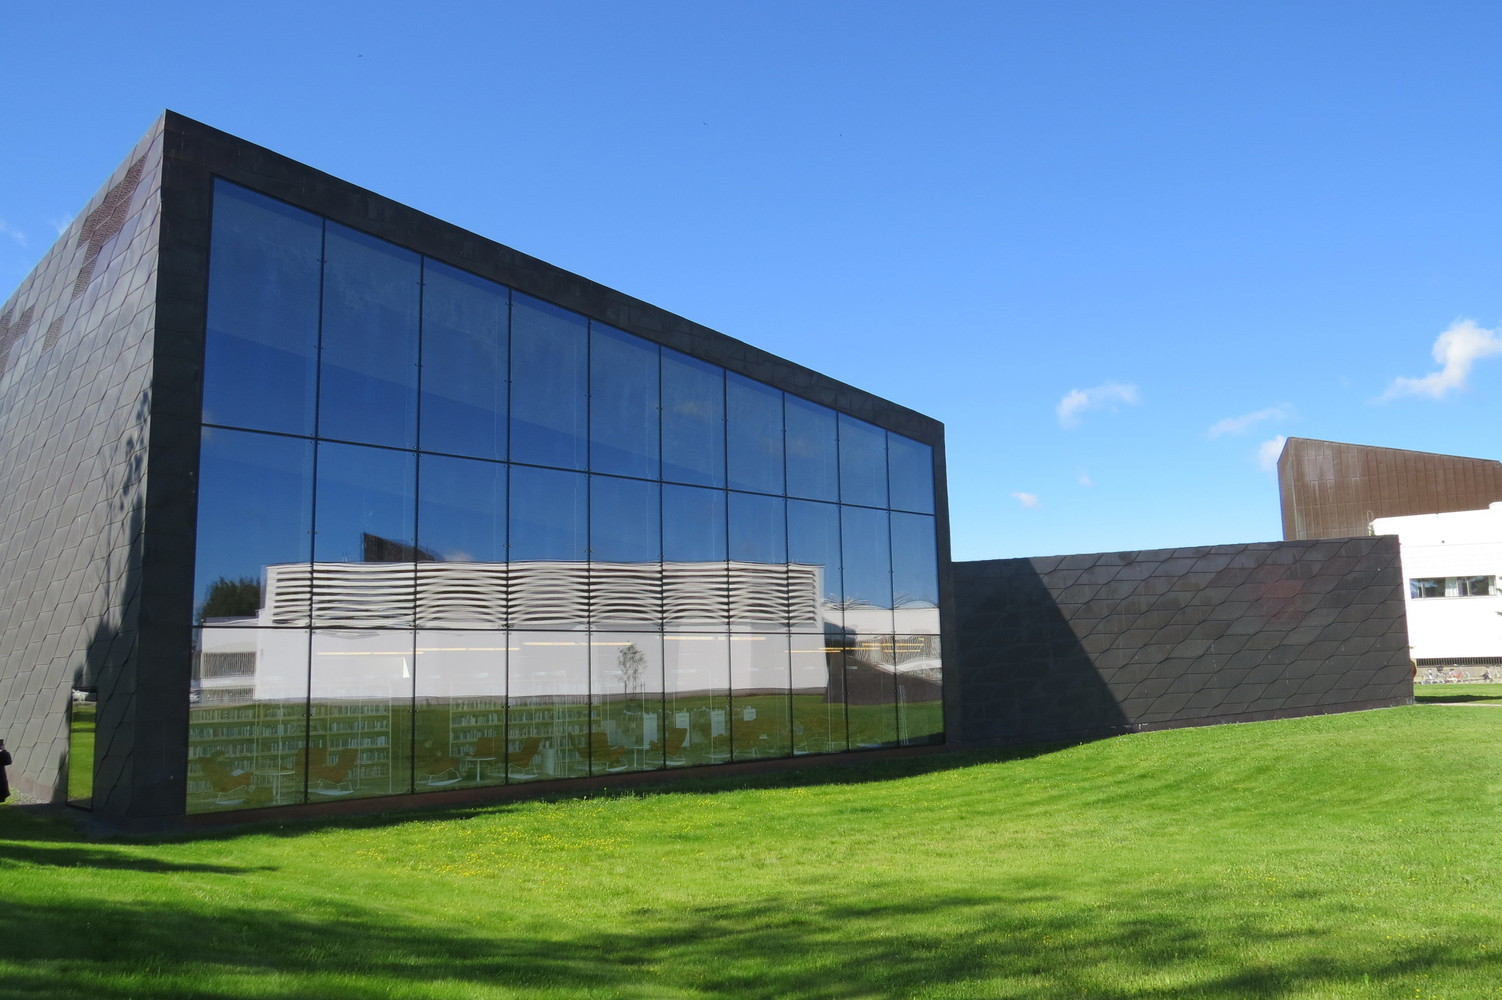 Seinäjoki Main library